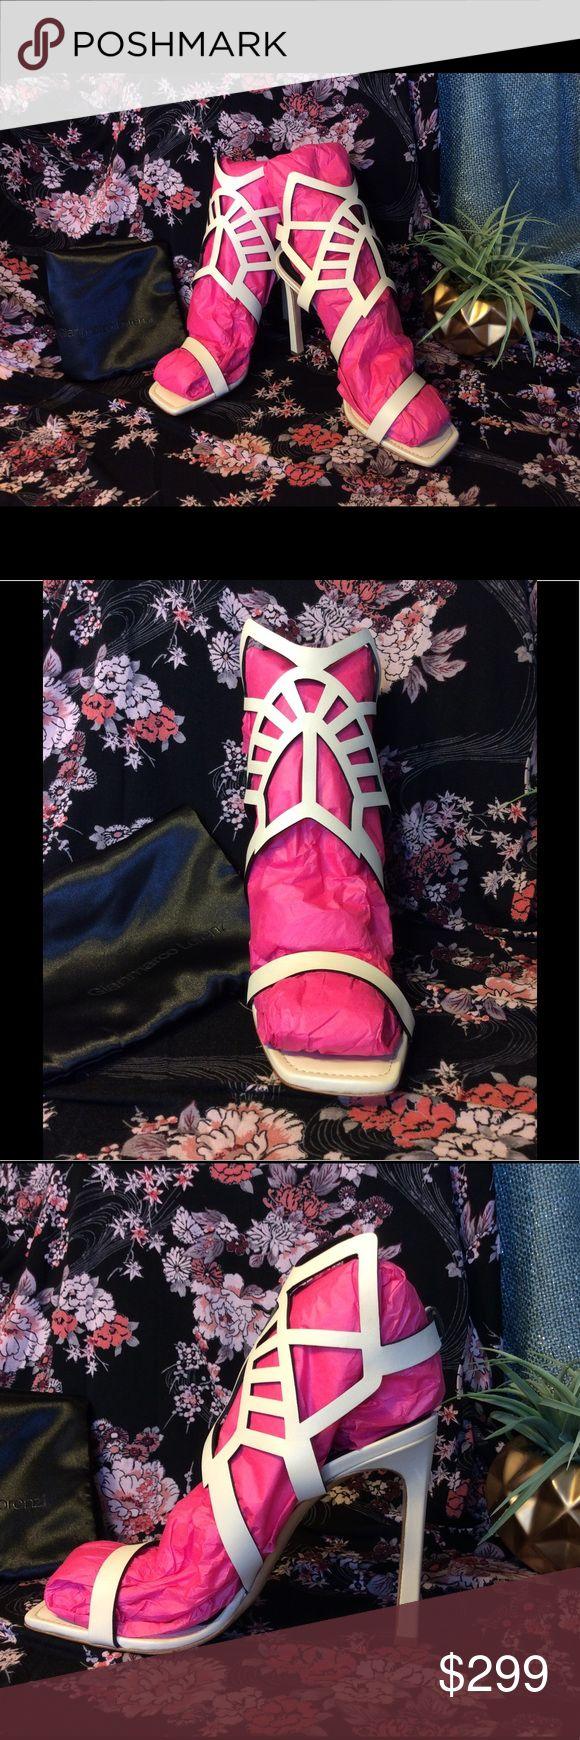 NWOB Gianmarco Lorenzi Cream Gladiator Heels Sz 10 New without Box. Never been worn Gianmarco Lorenzi Cream Gladiator Heels. Women's Size 10. Made in Italy. Dust Bag included. Gianmarco Lorenzi Shoes Heels